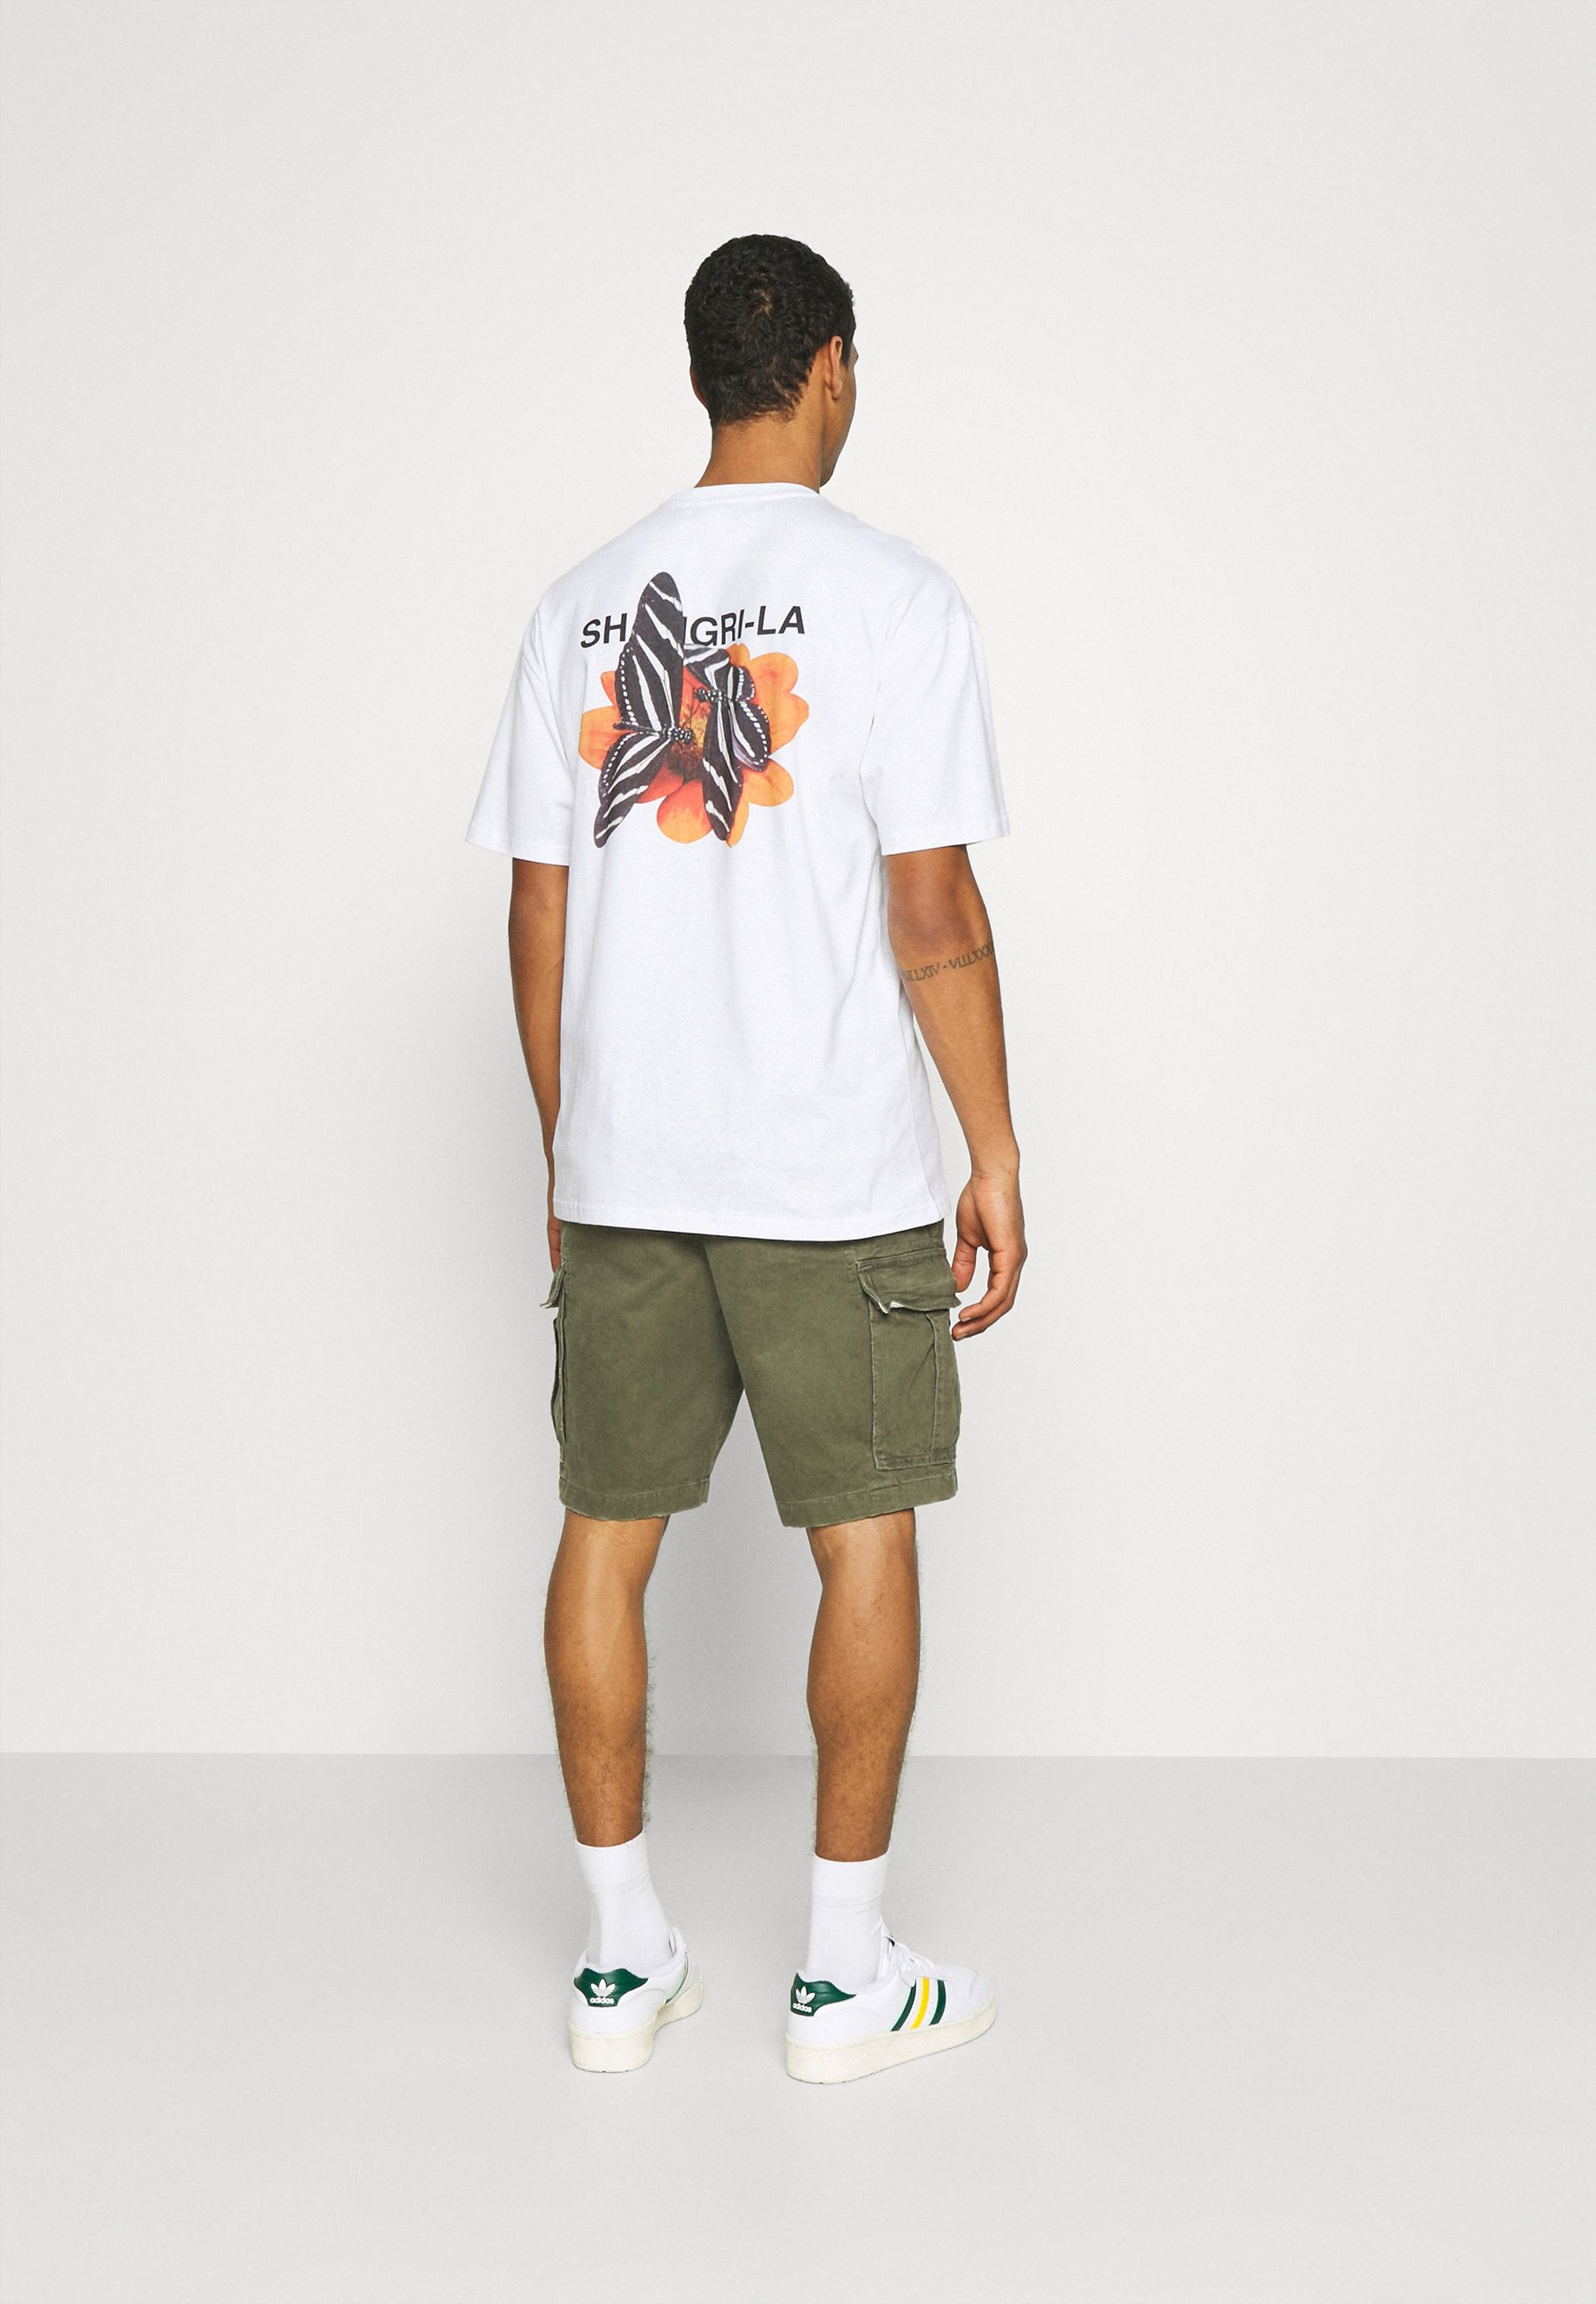 Men SHANGRILA BUTTERFLIES UNISEX - Print T-shirt